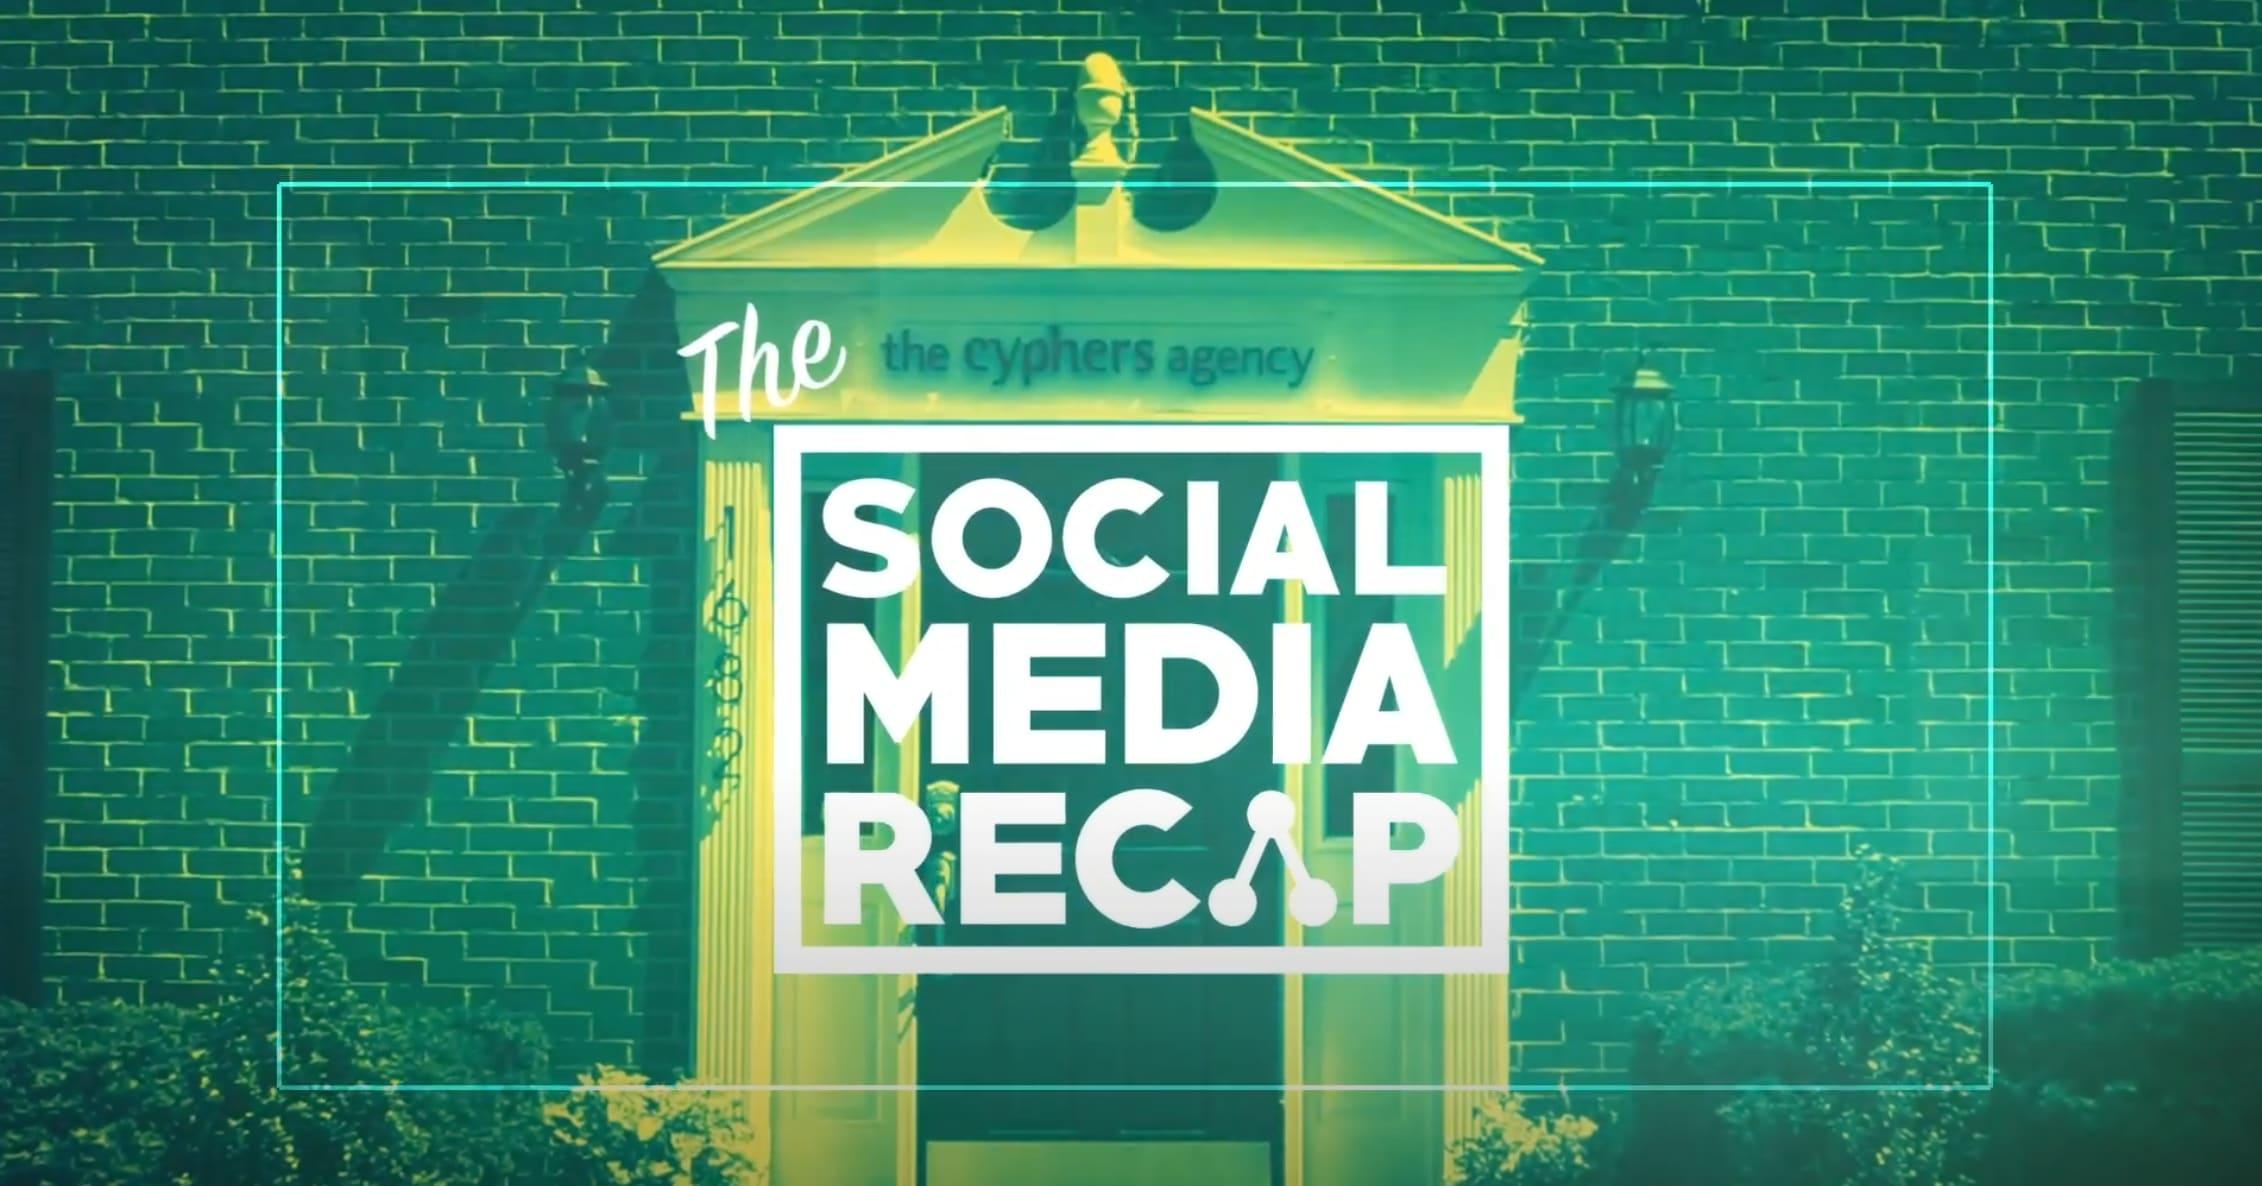 The Social Media Recap